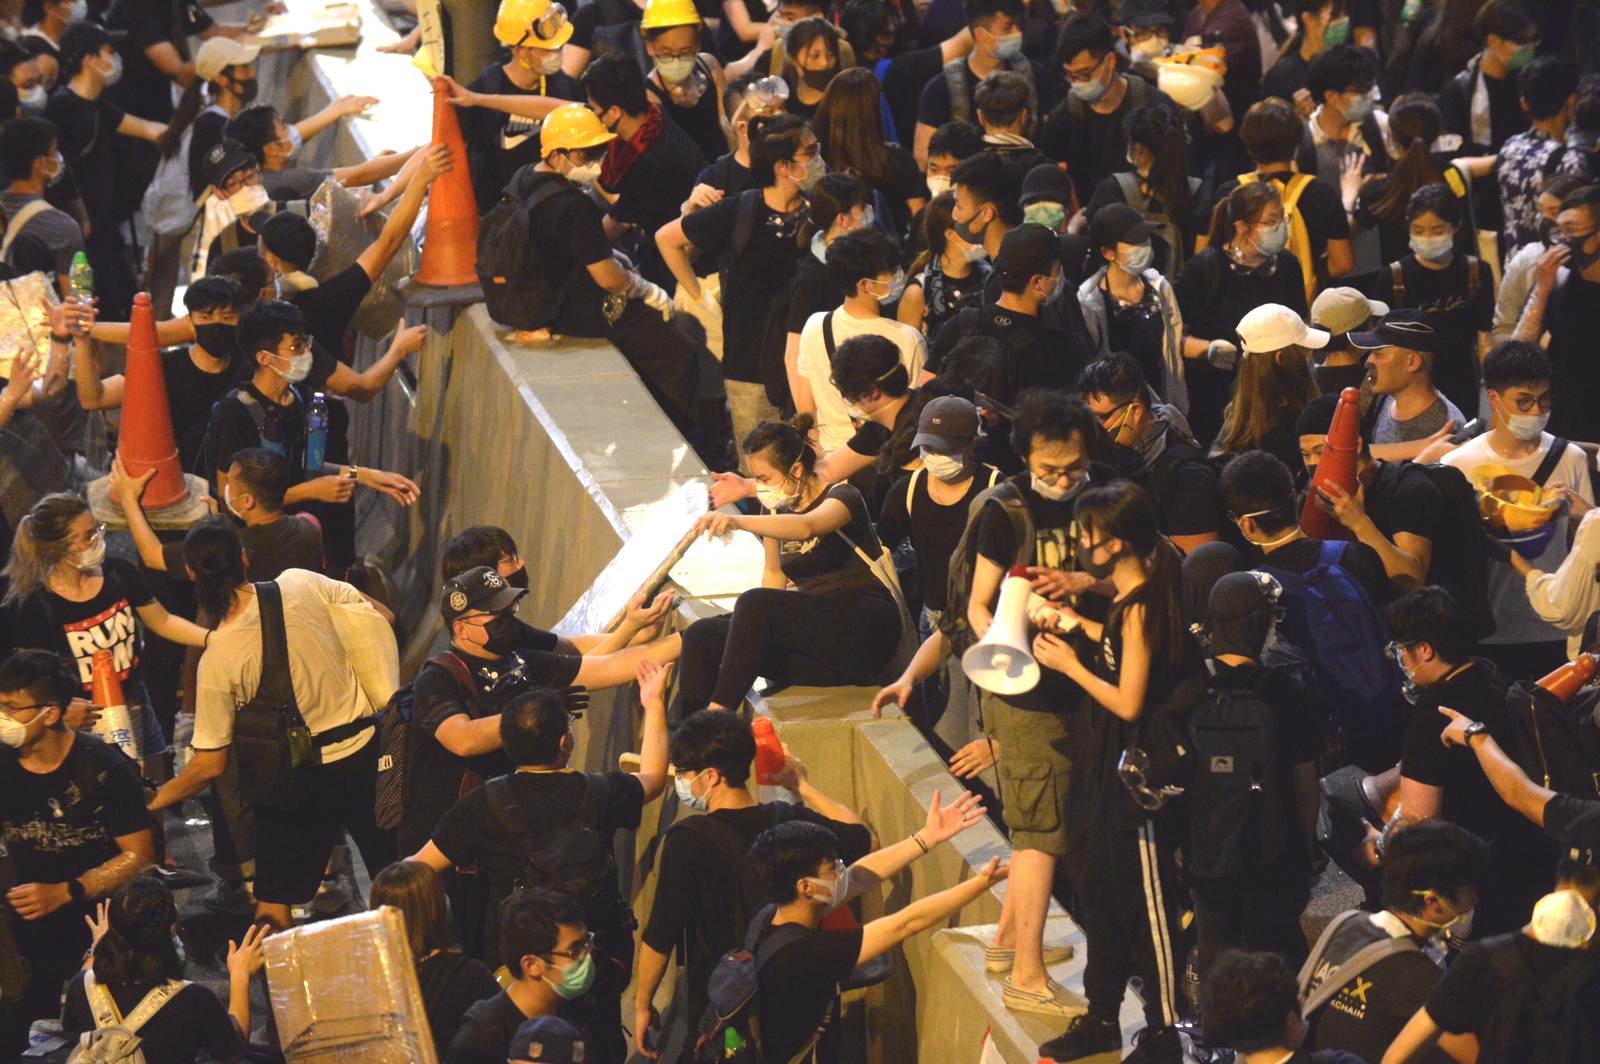 大批示威者佔據夏慤道